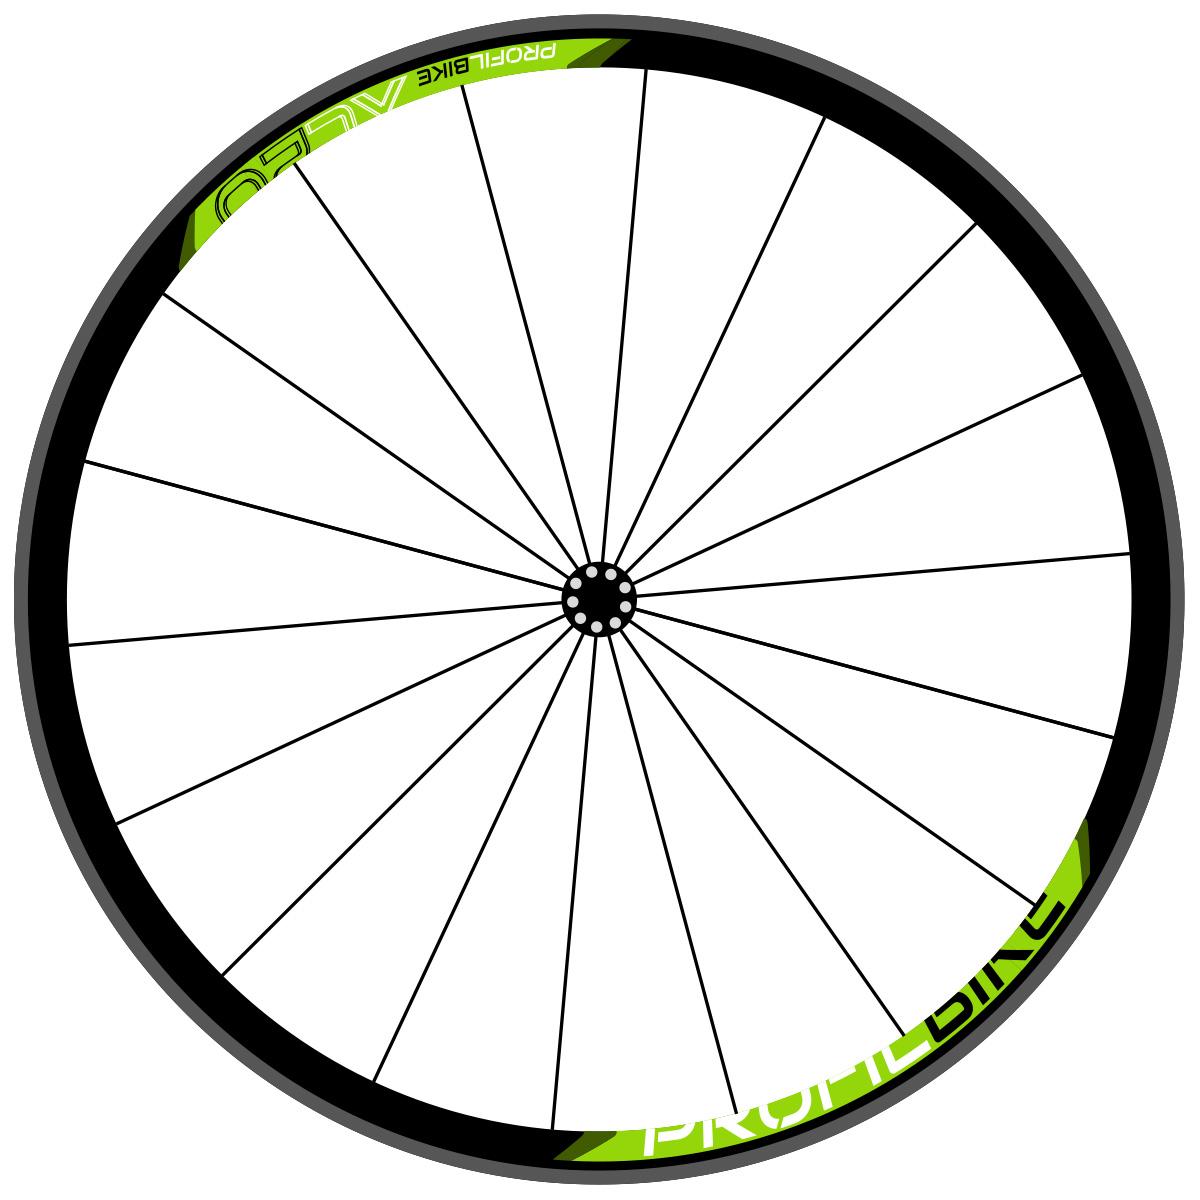 Profilbike XC20 design vert